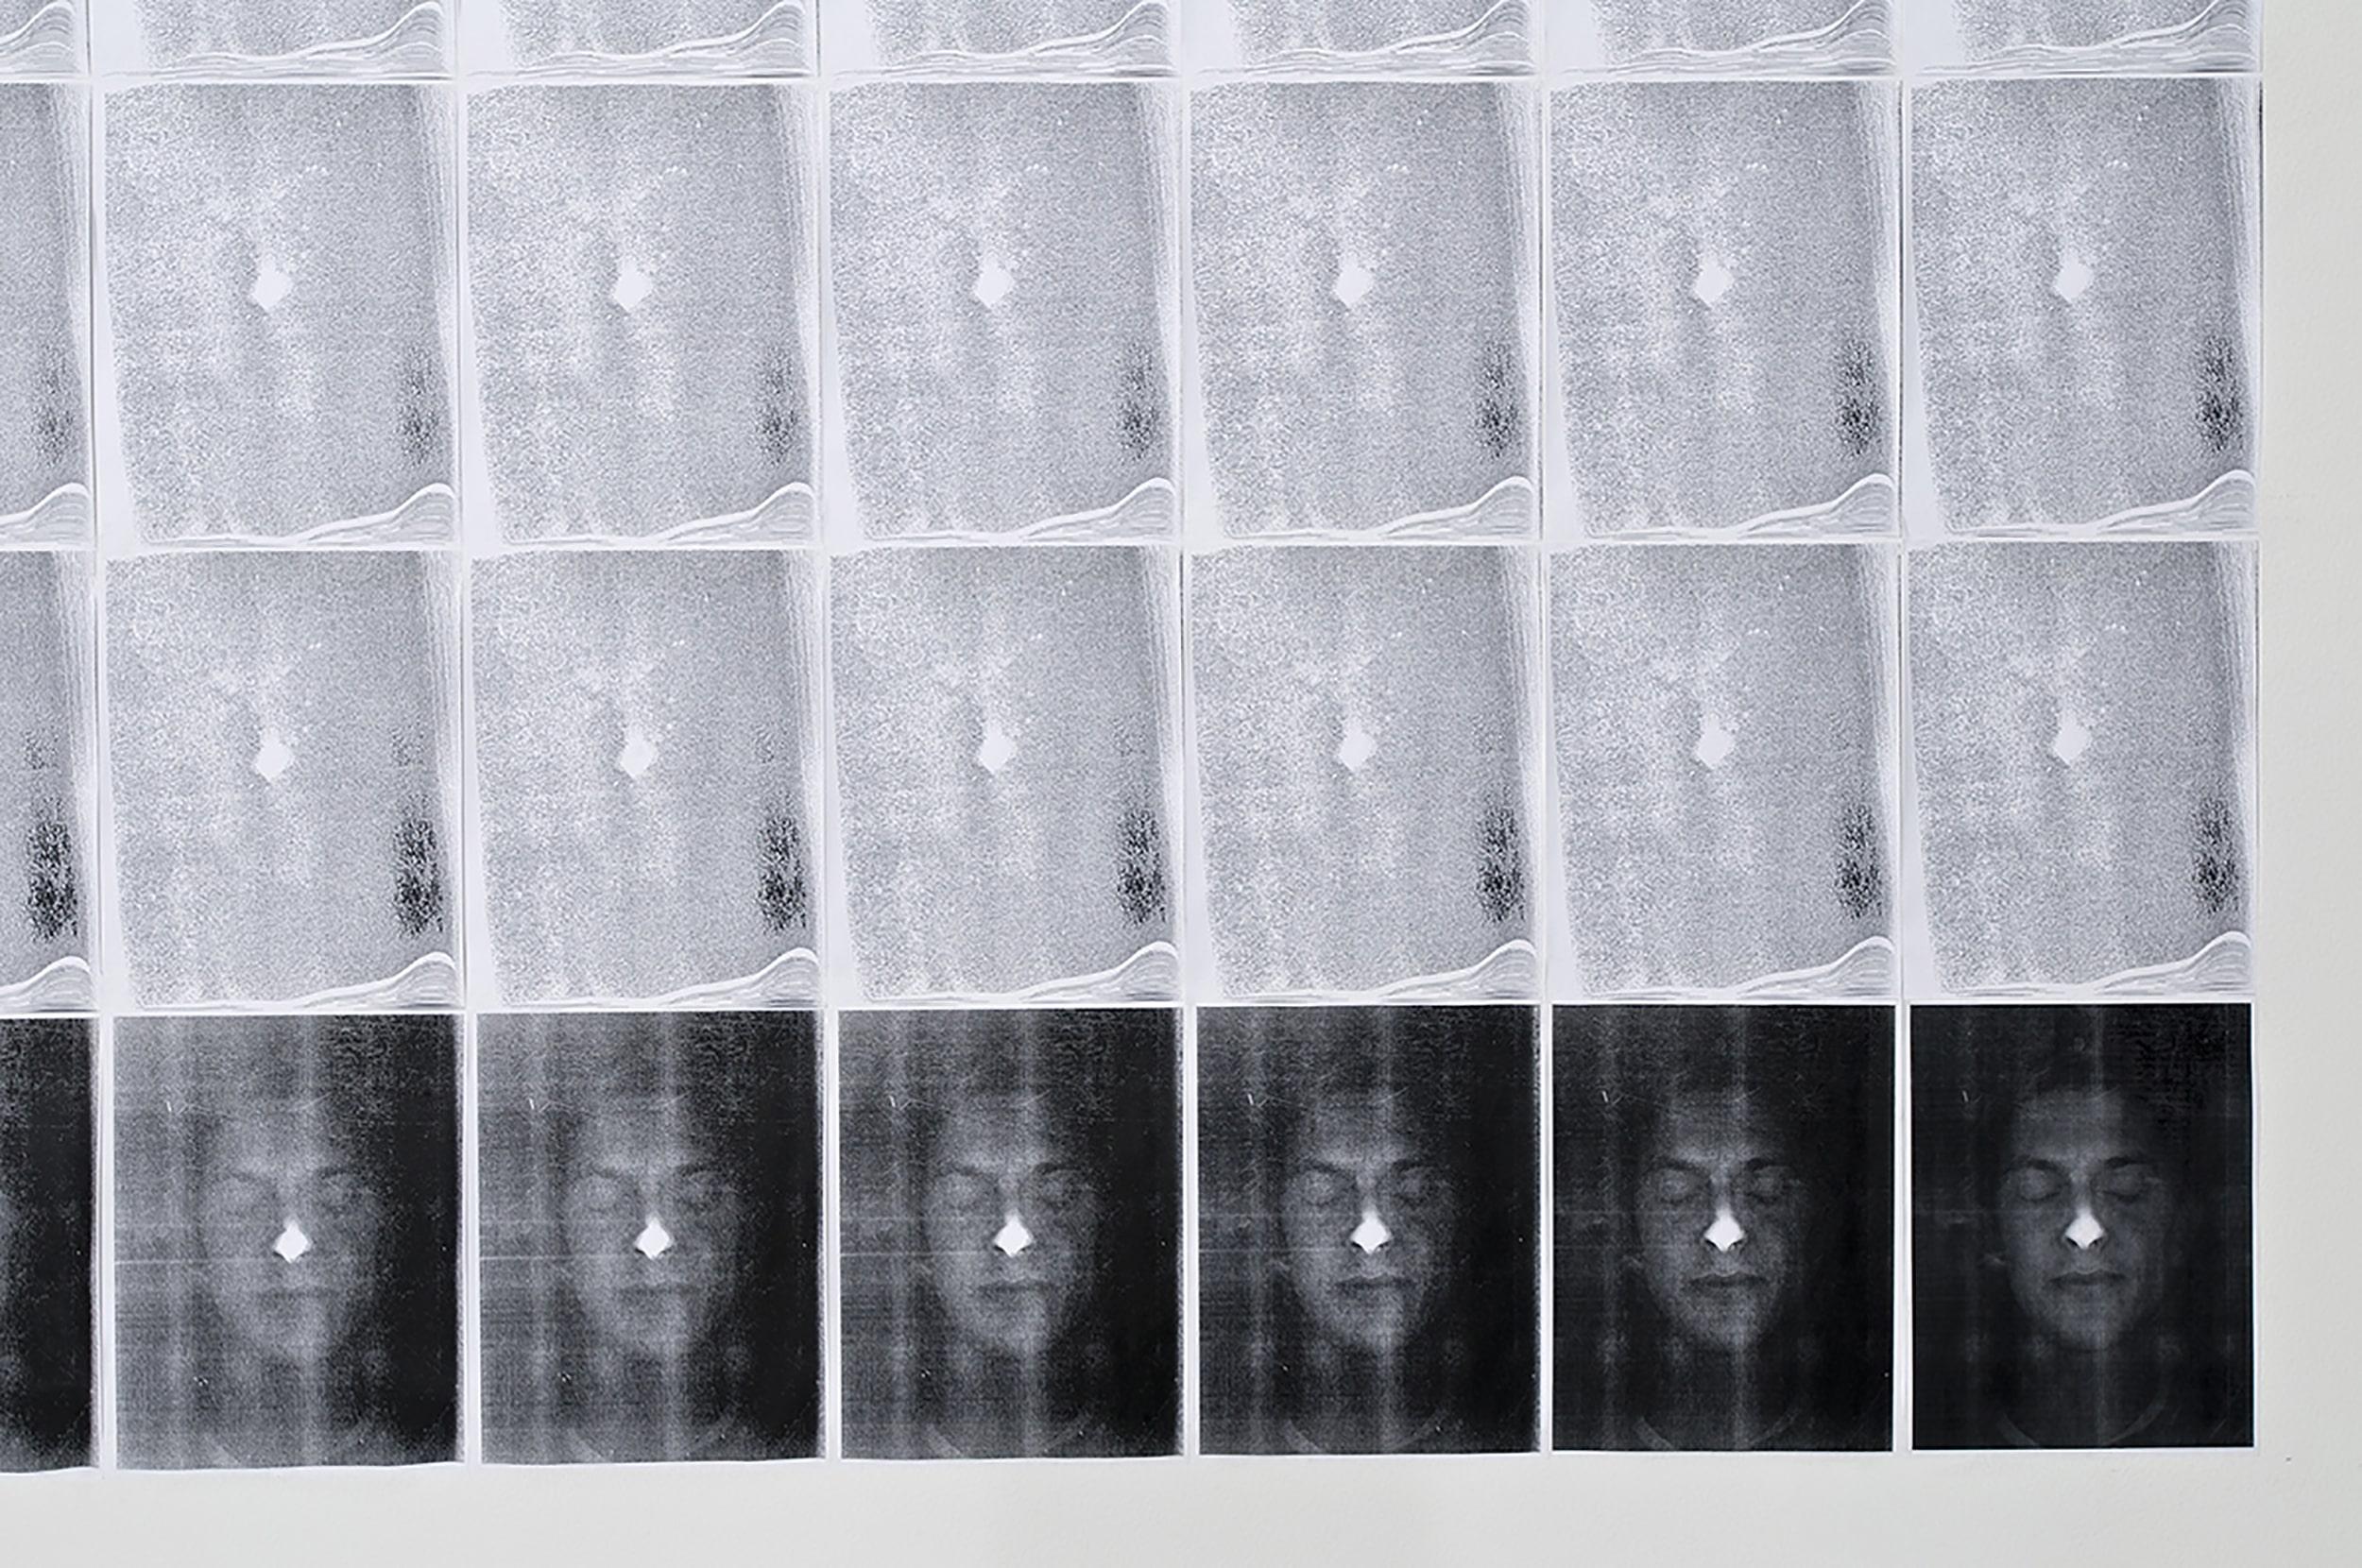 photocopy art portrait esteban peña art